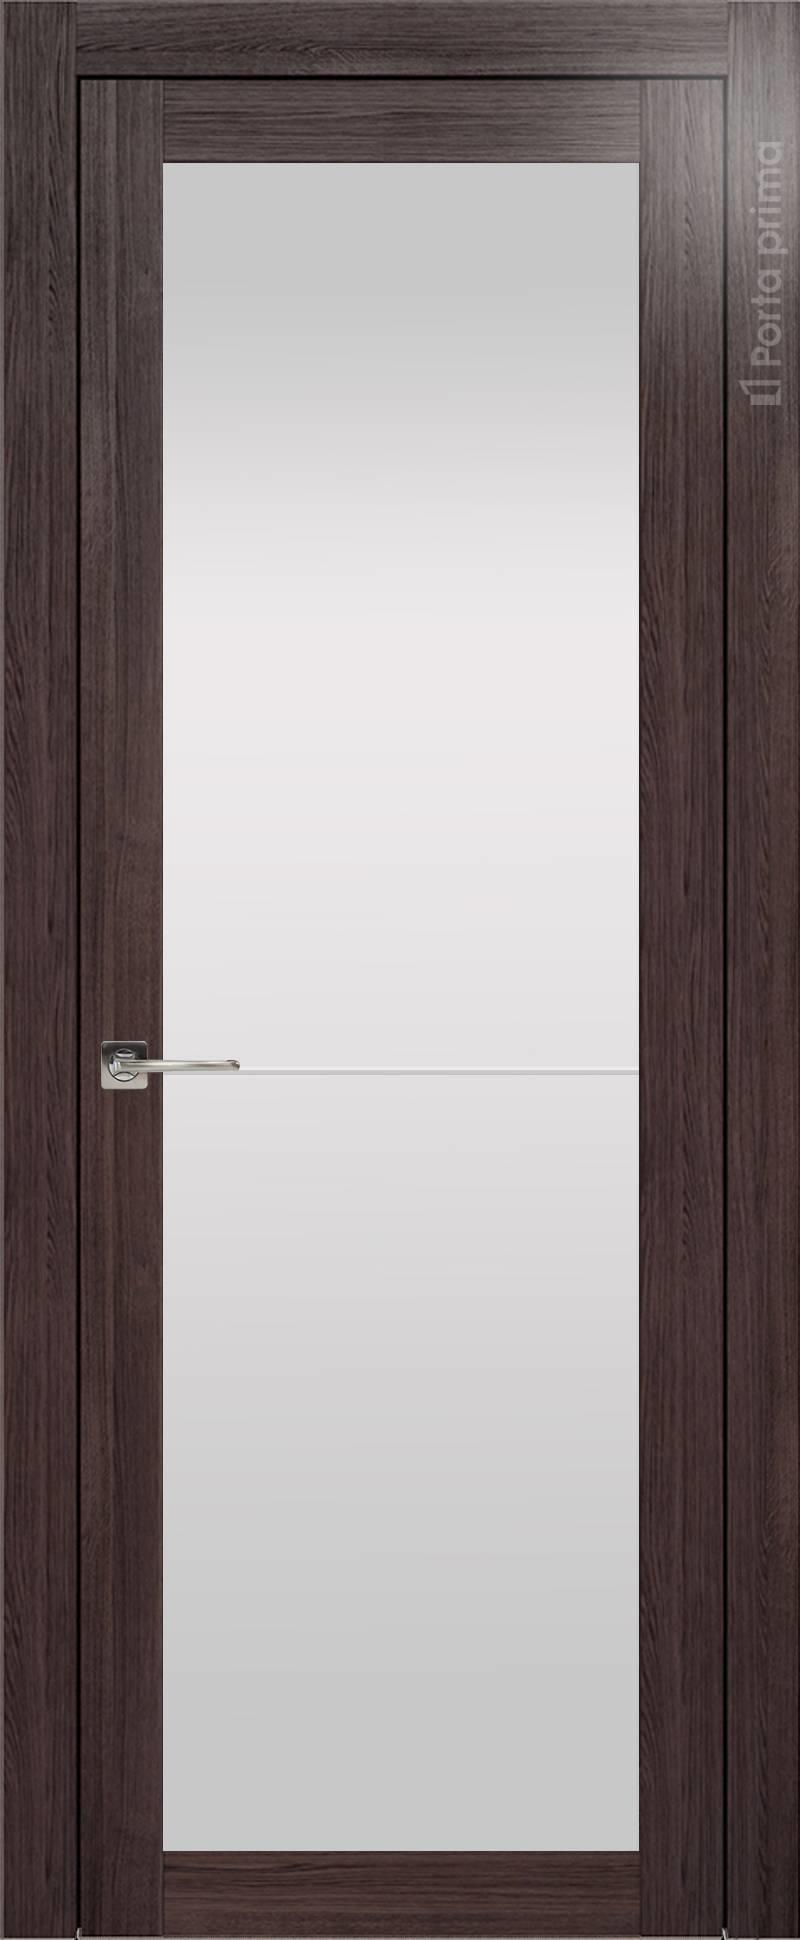 Tivoli З-2 цвет - Венге Нуар Со стеклом (ДО)